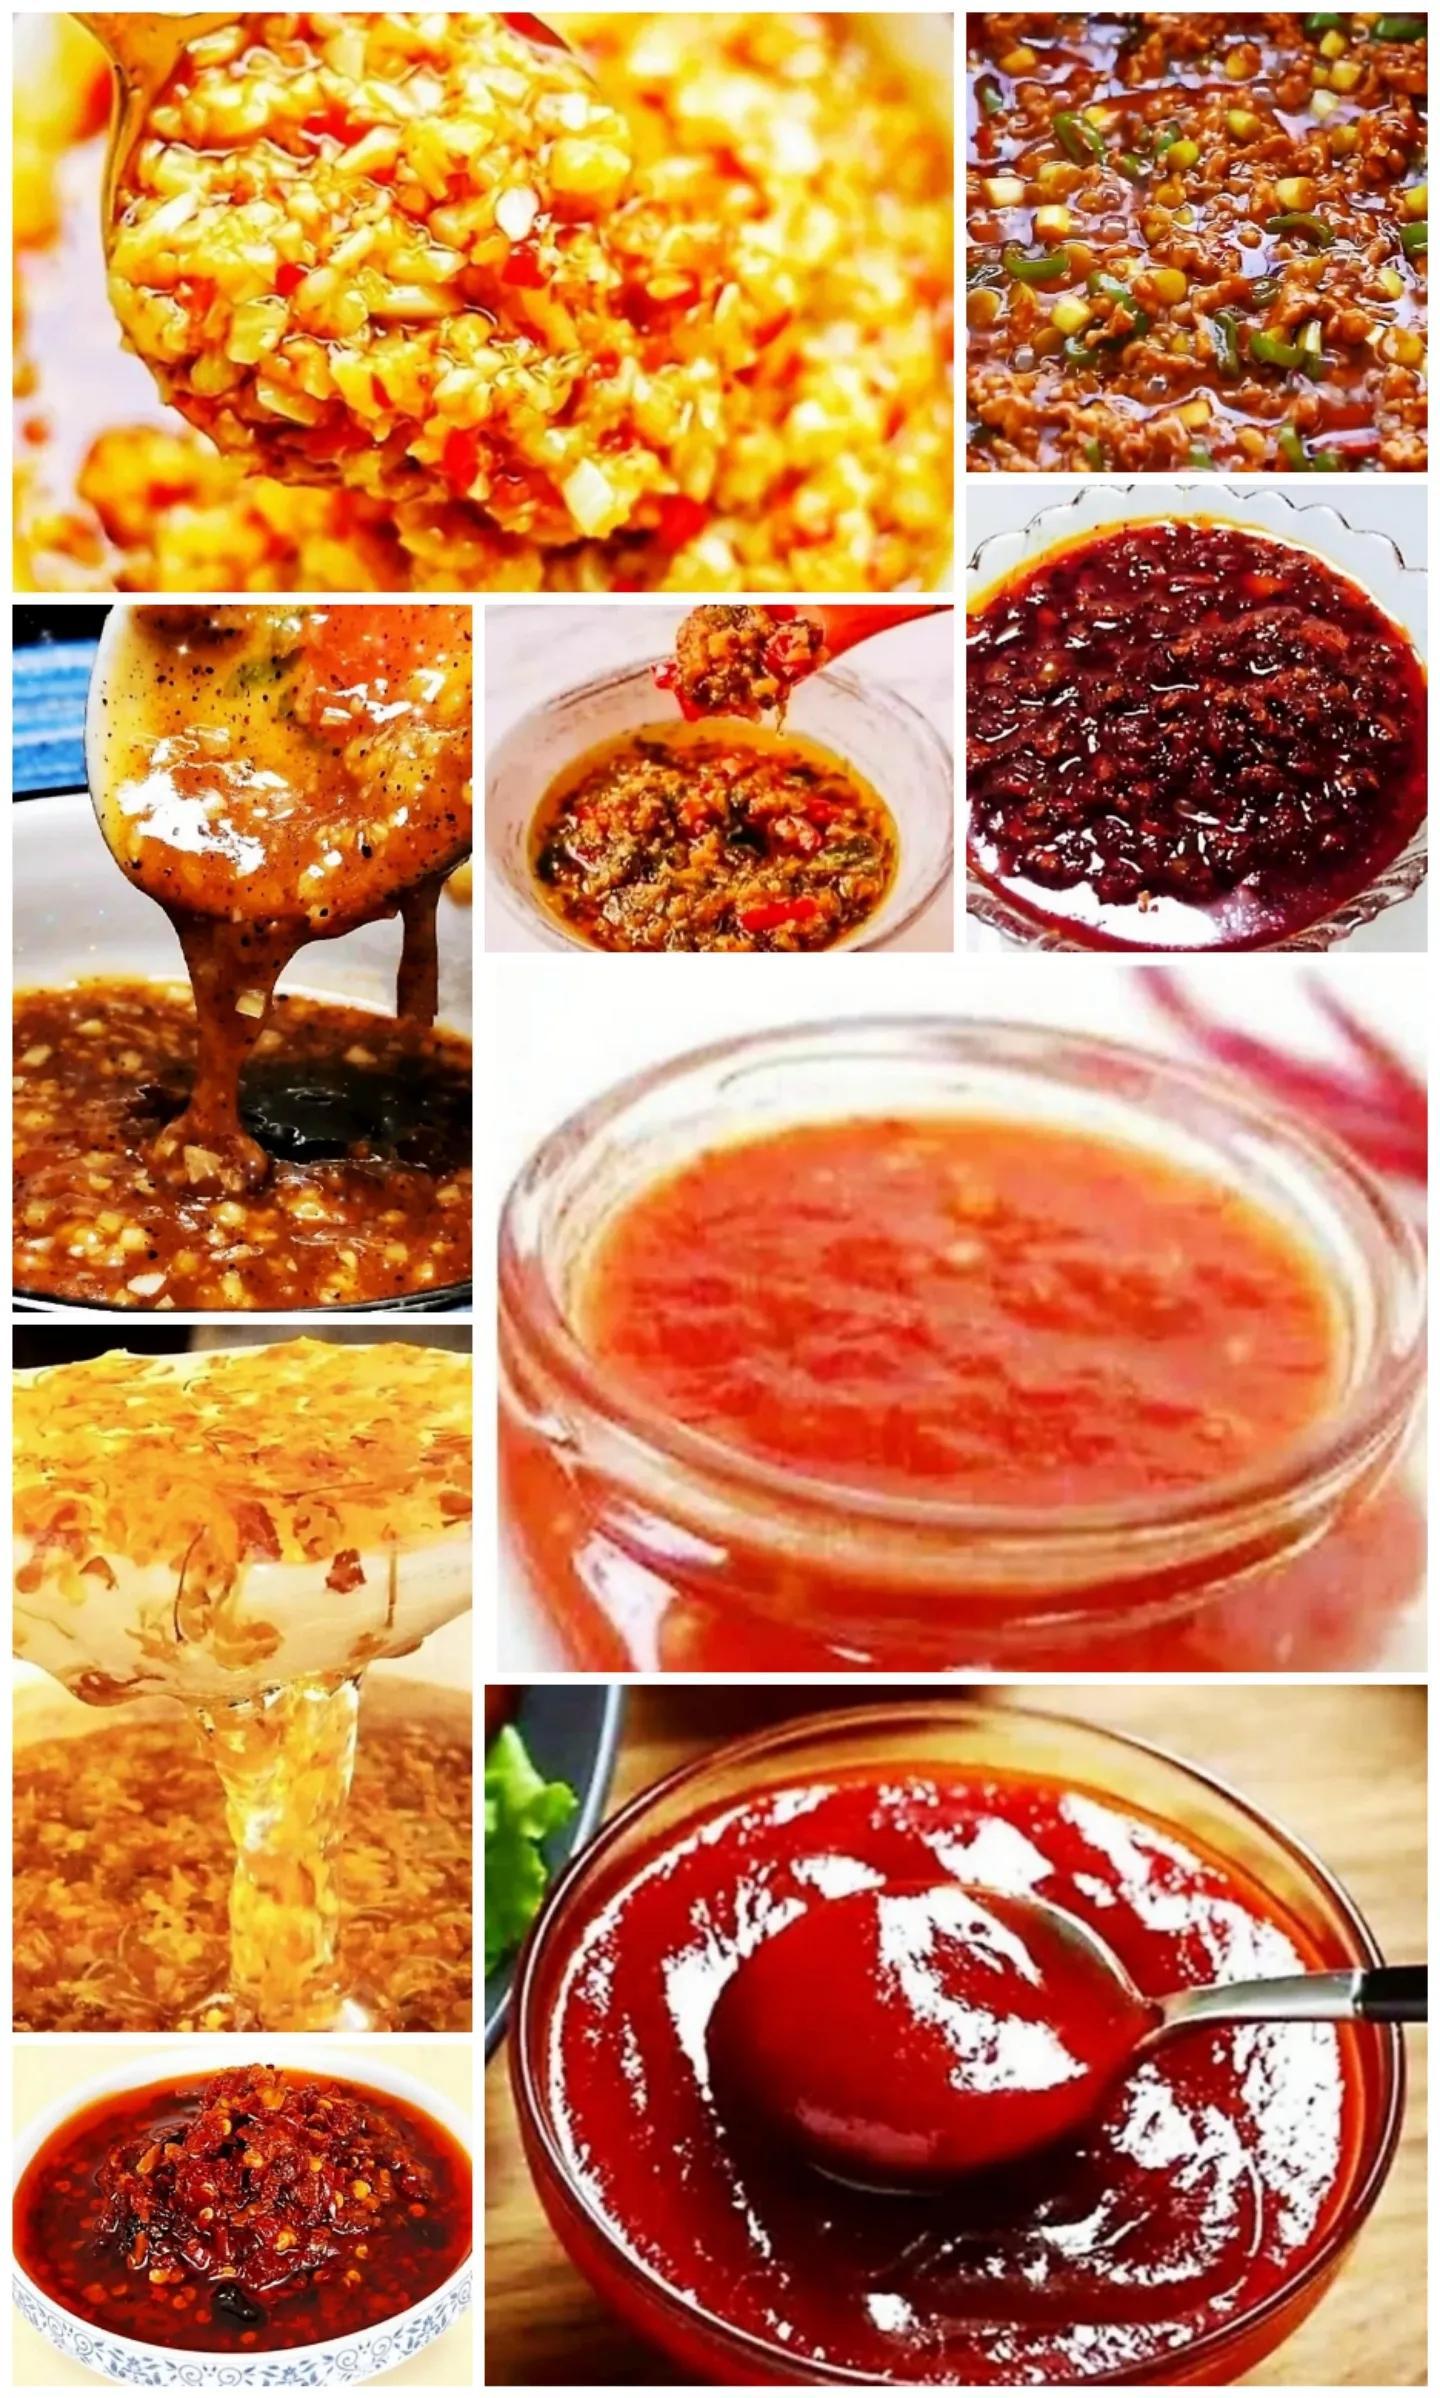 今天教大家各种酱的做法,超级好吃的拌饭酱 美食做法 第1张